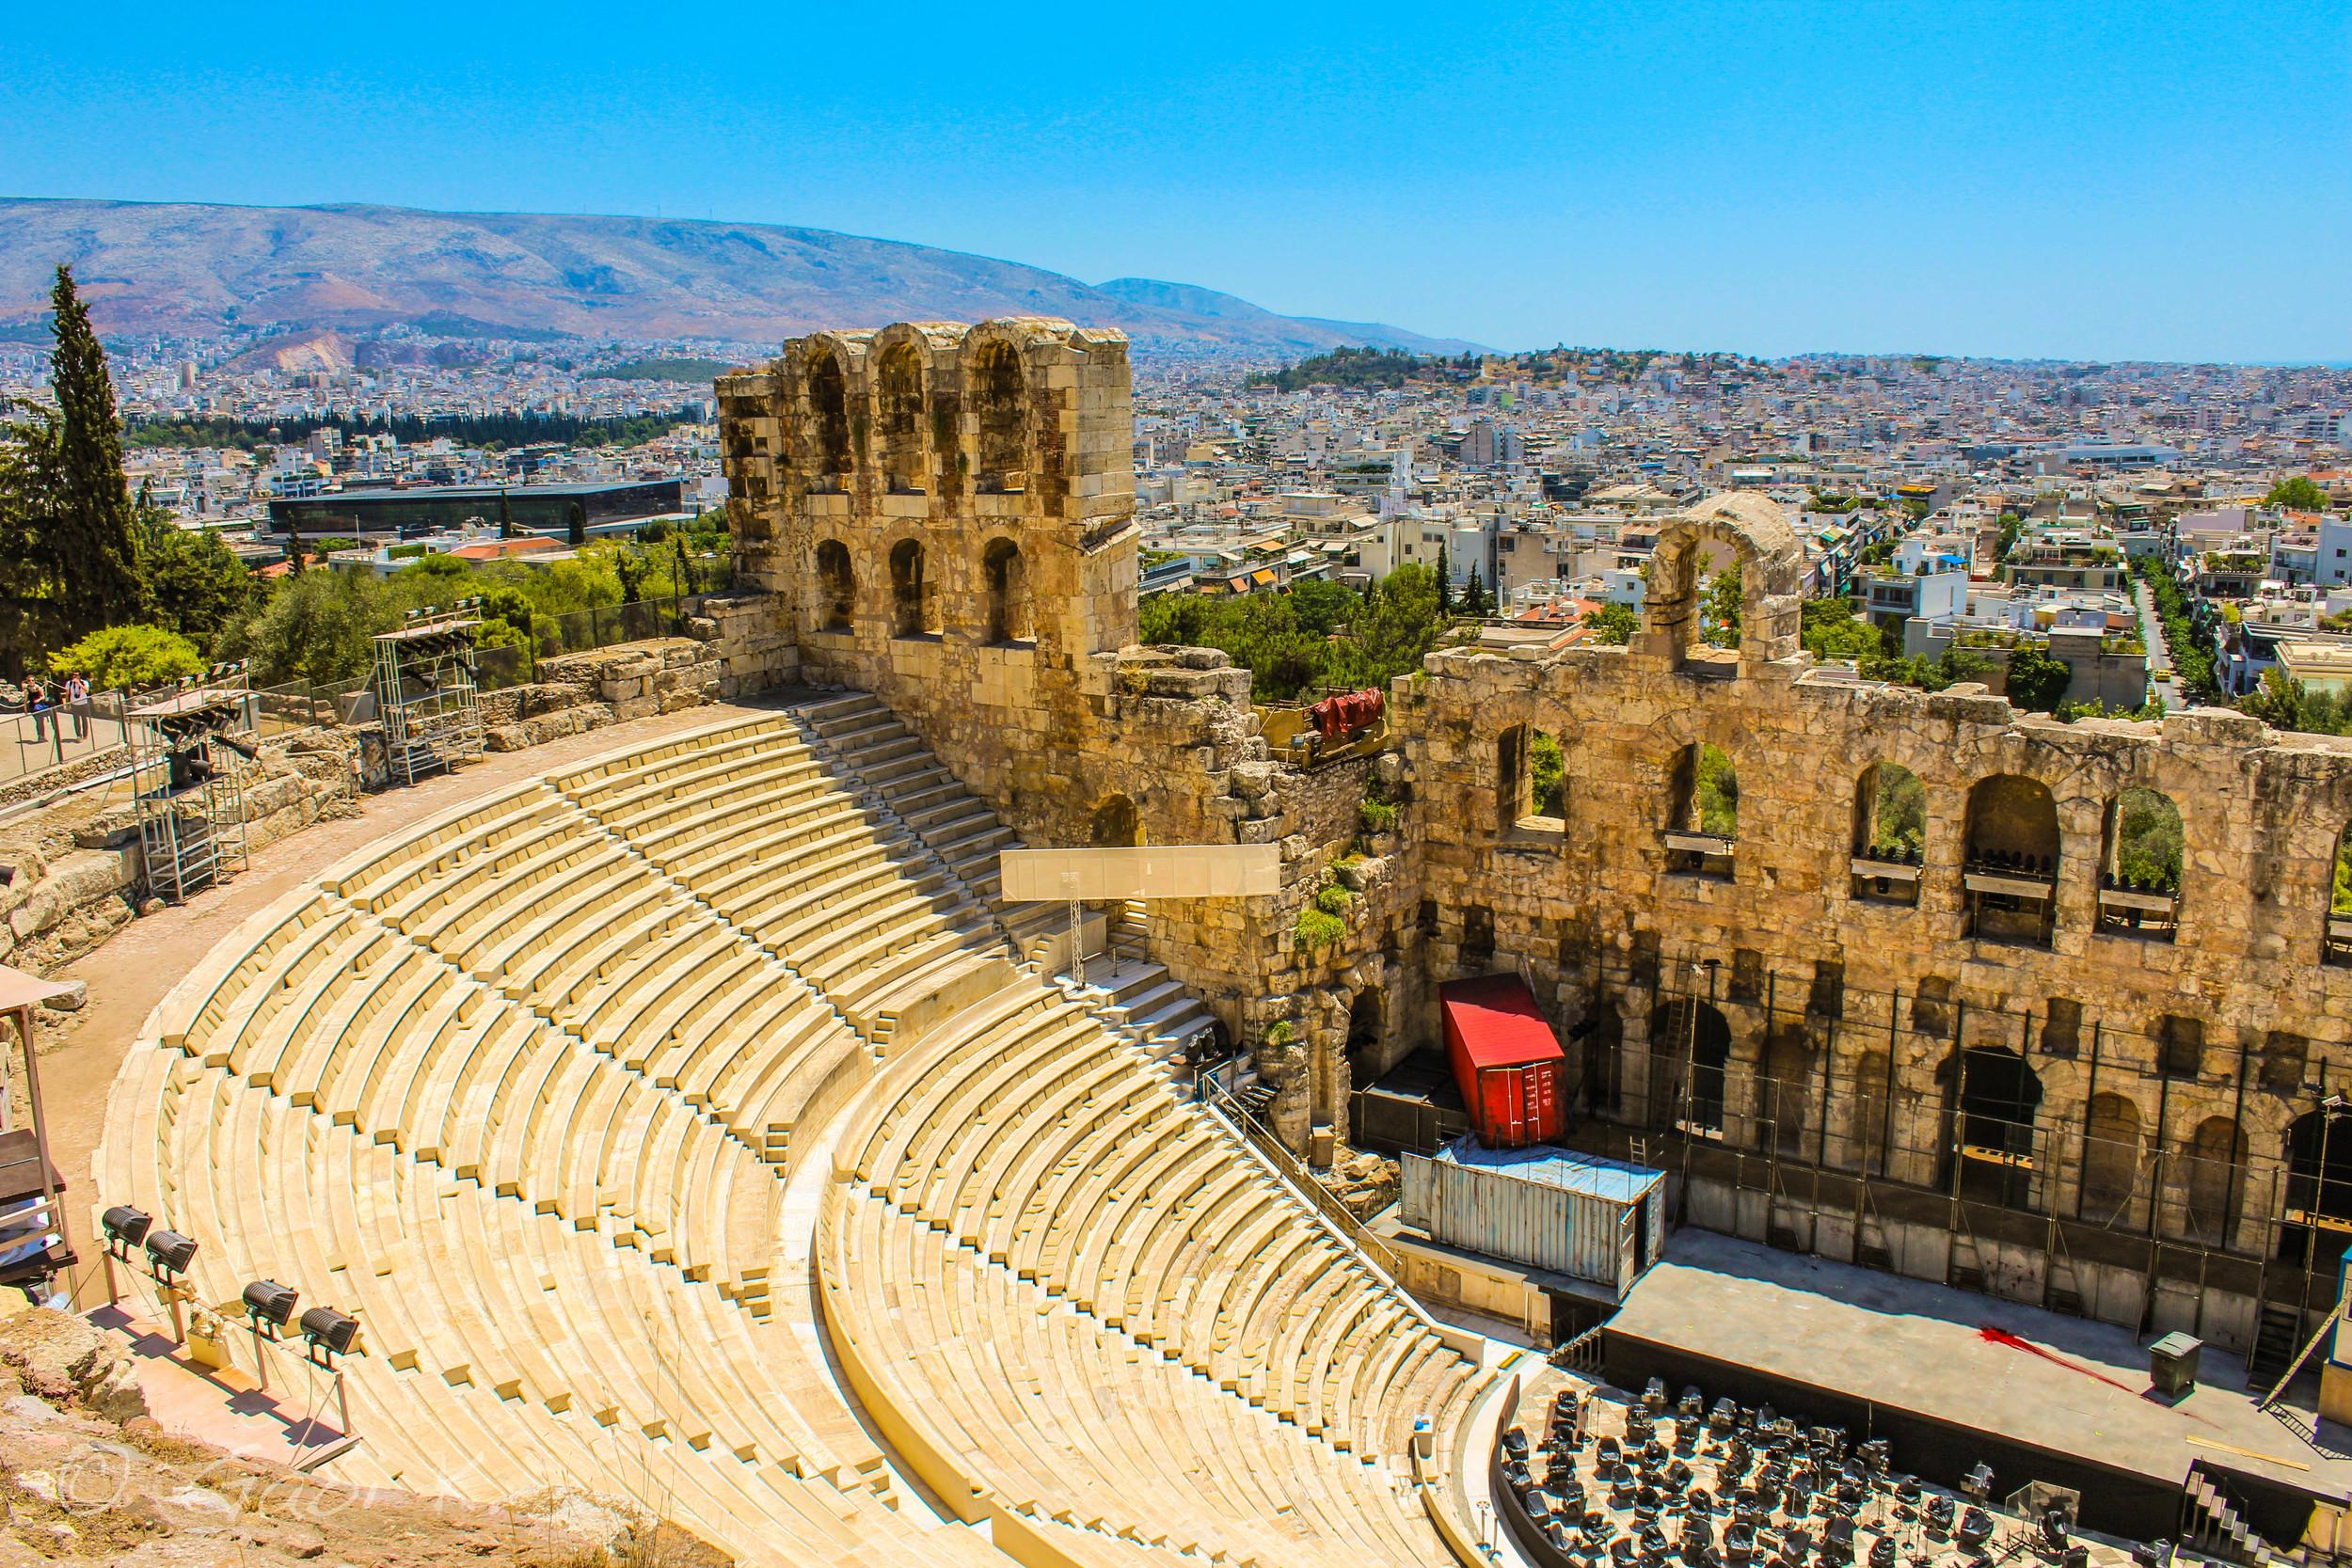 Theatre of Dionysus Elethereus